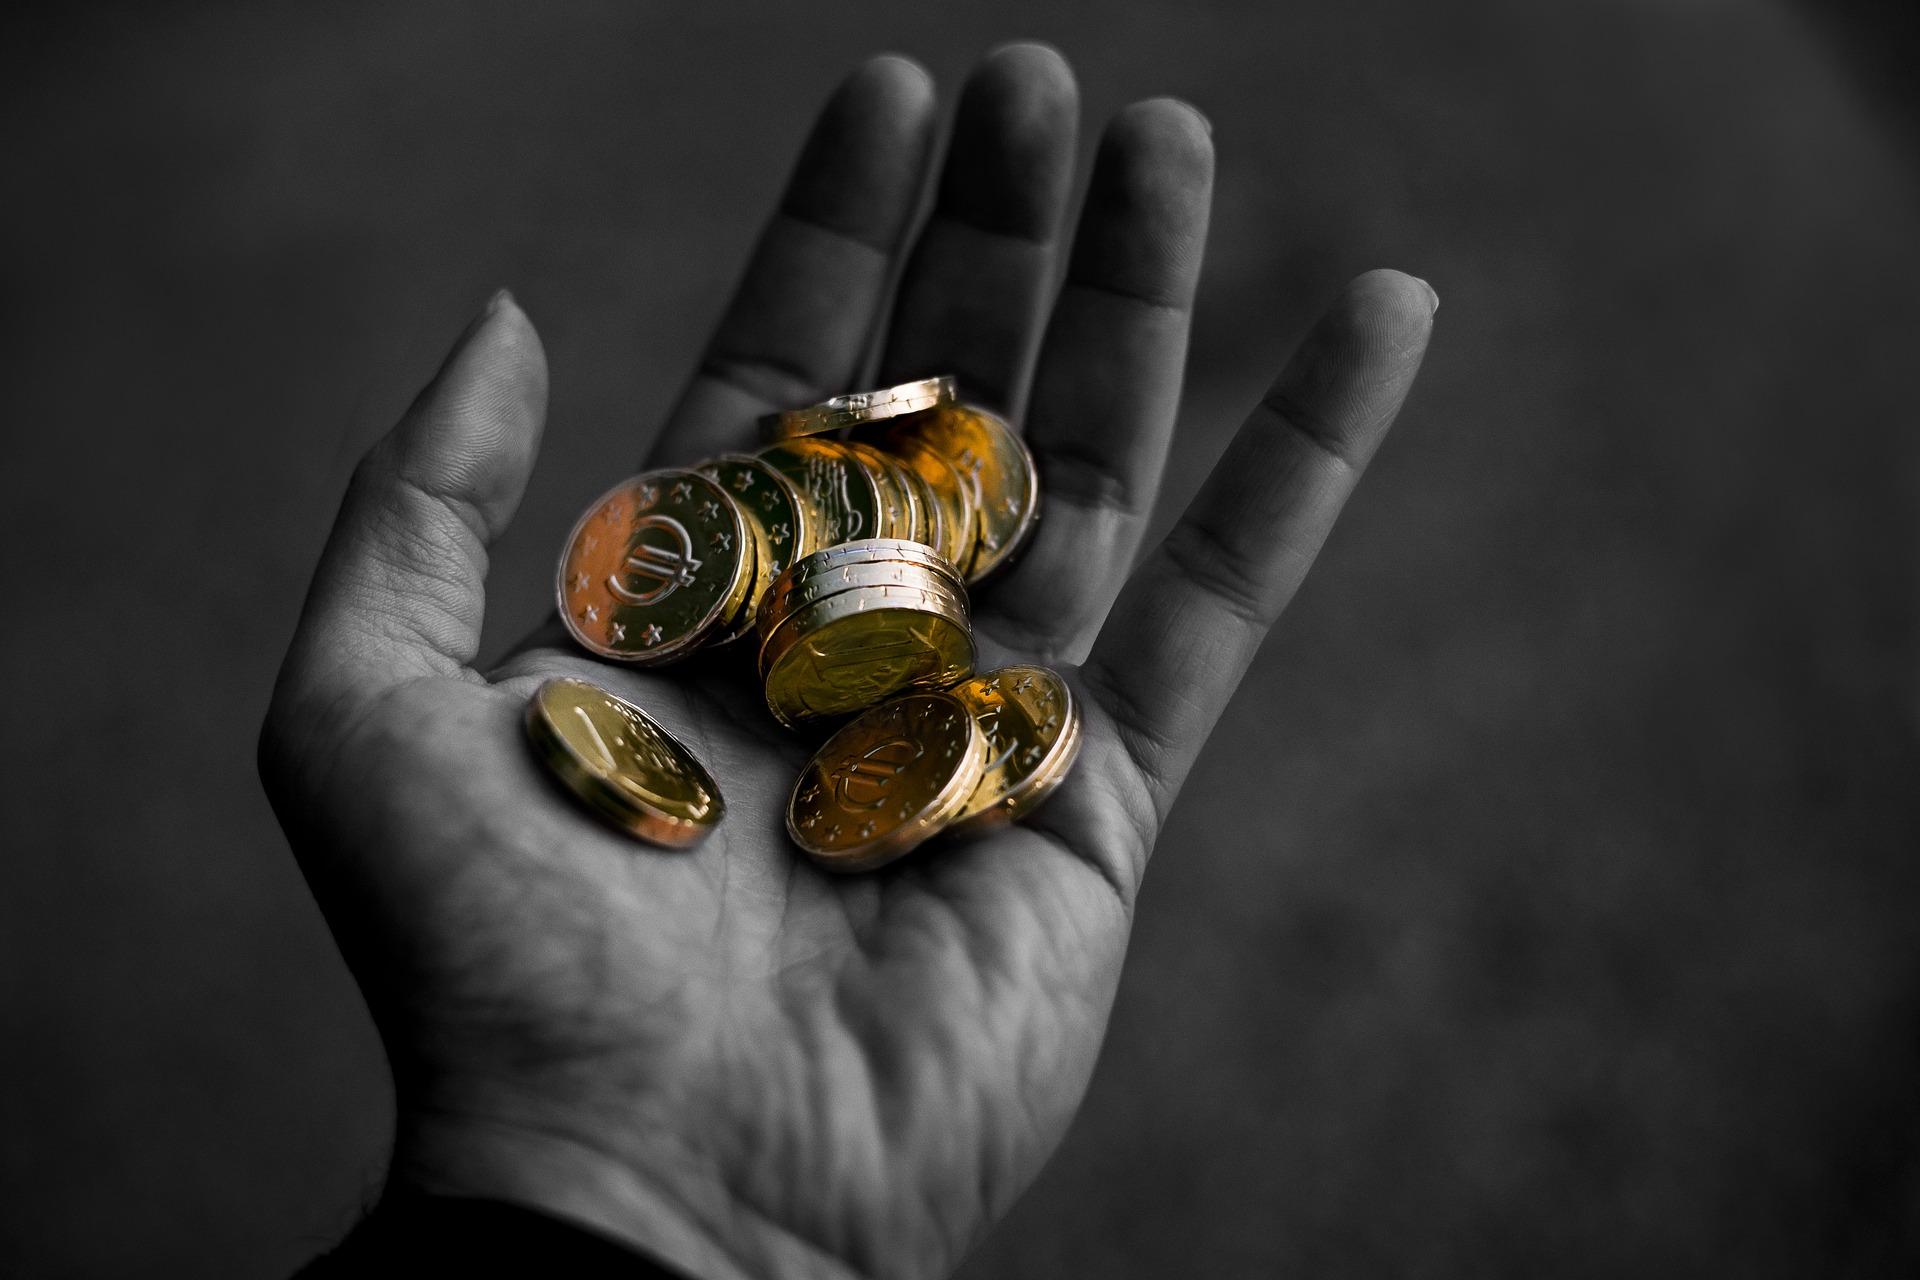 【株式投資】マイポートフォリオを秘密にしておくべき理由